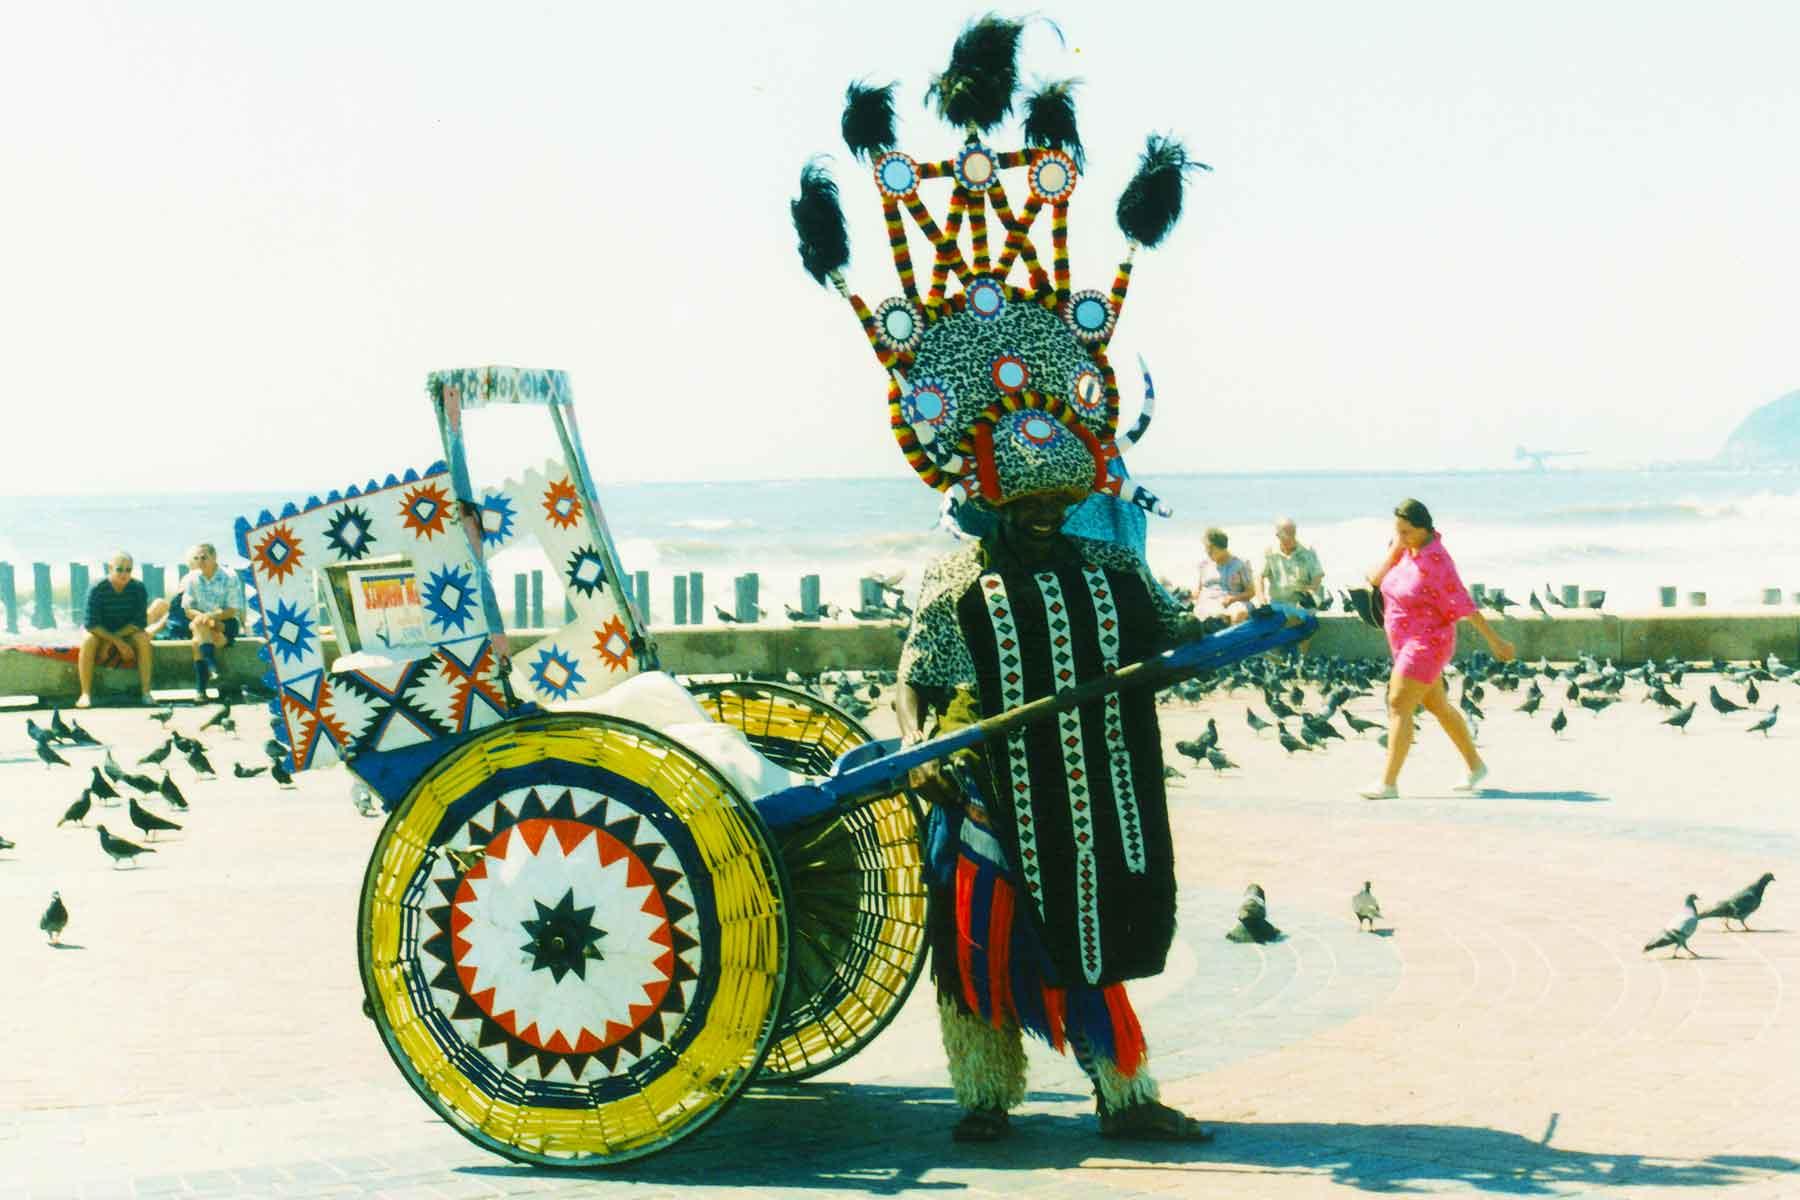 Zulu Rickshaw | Steven A. Martin | Durban South Africa | Study Abroad Journal | Dr Steven Andrew Martin